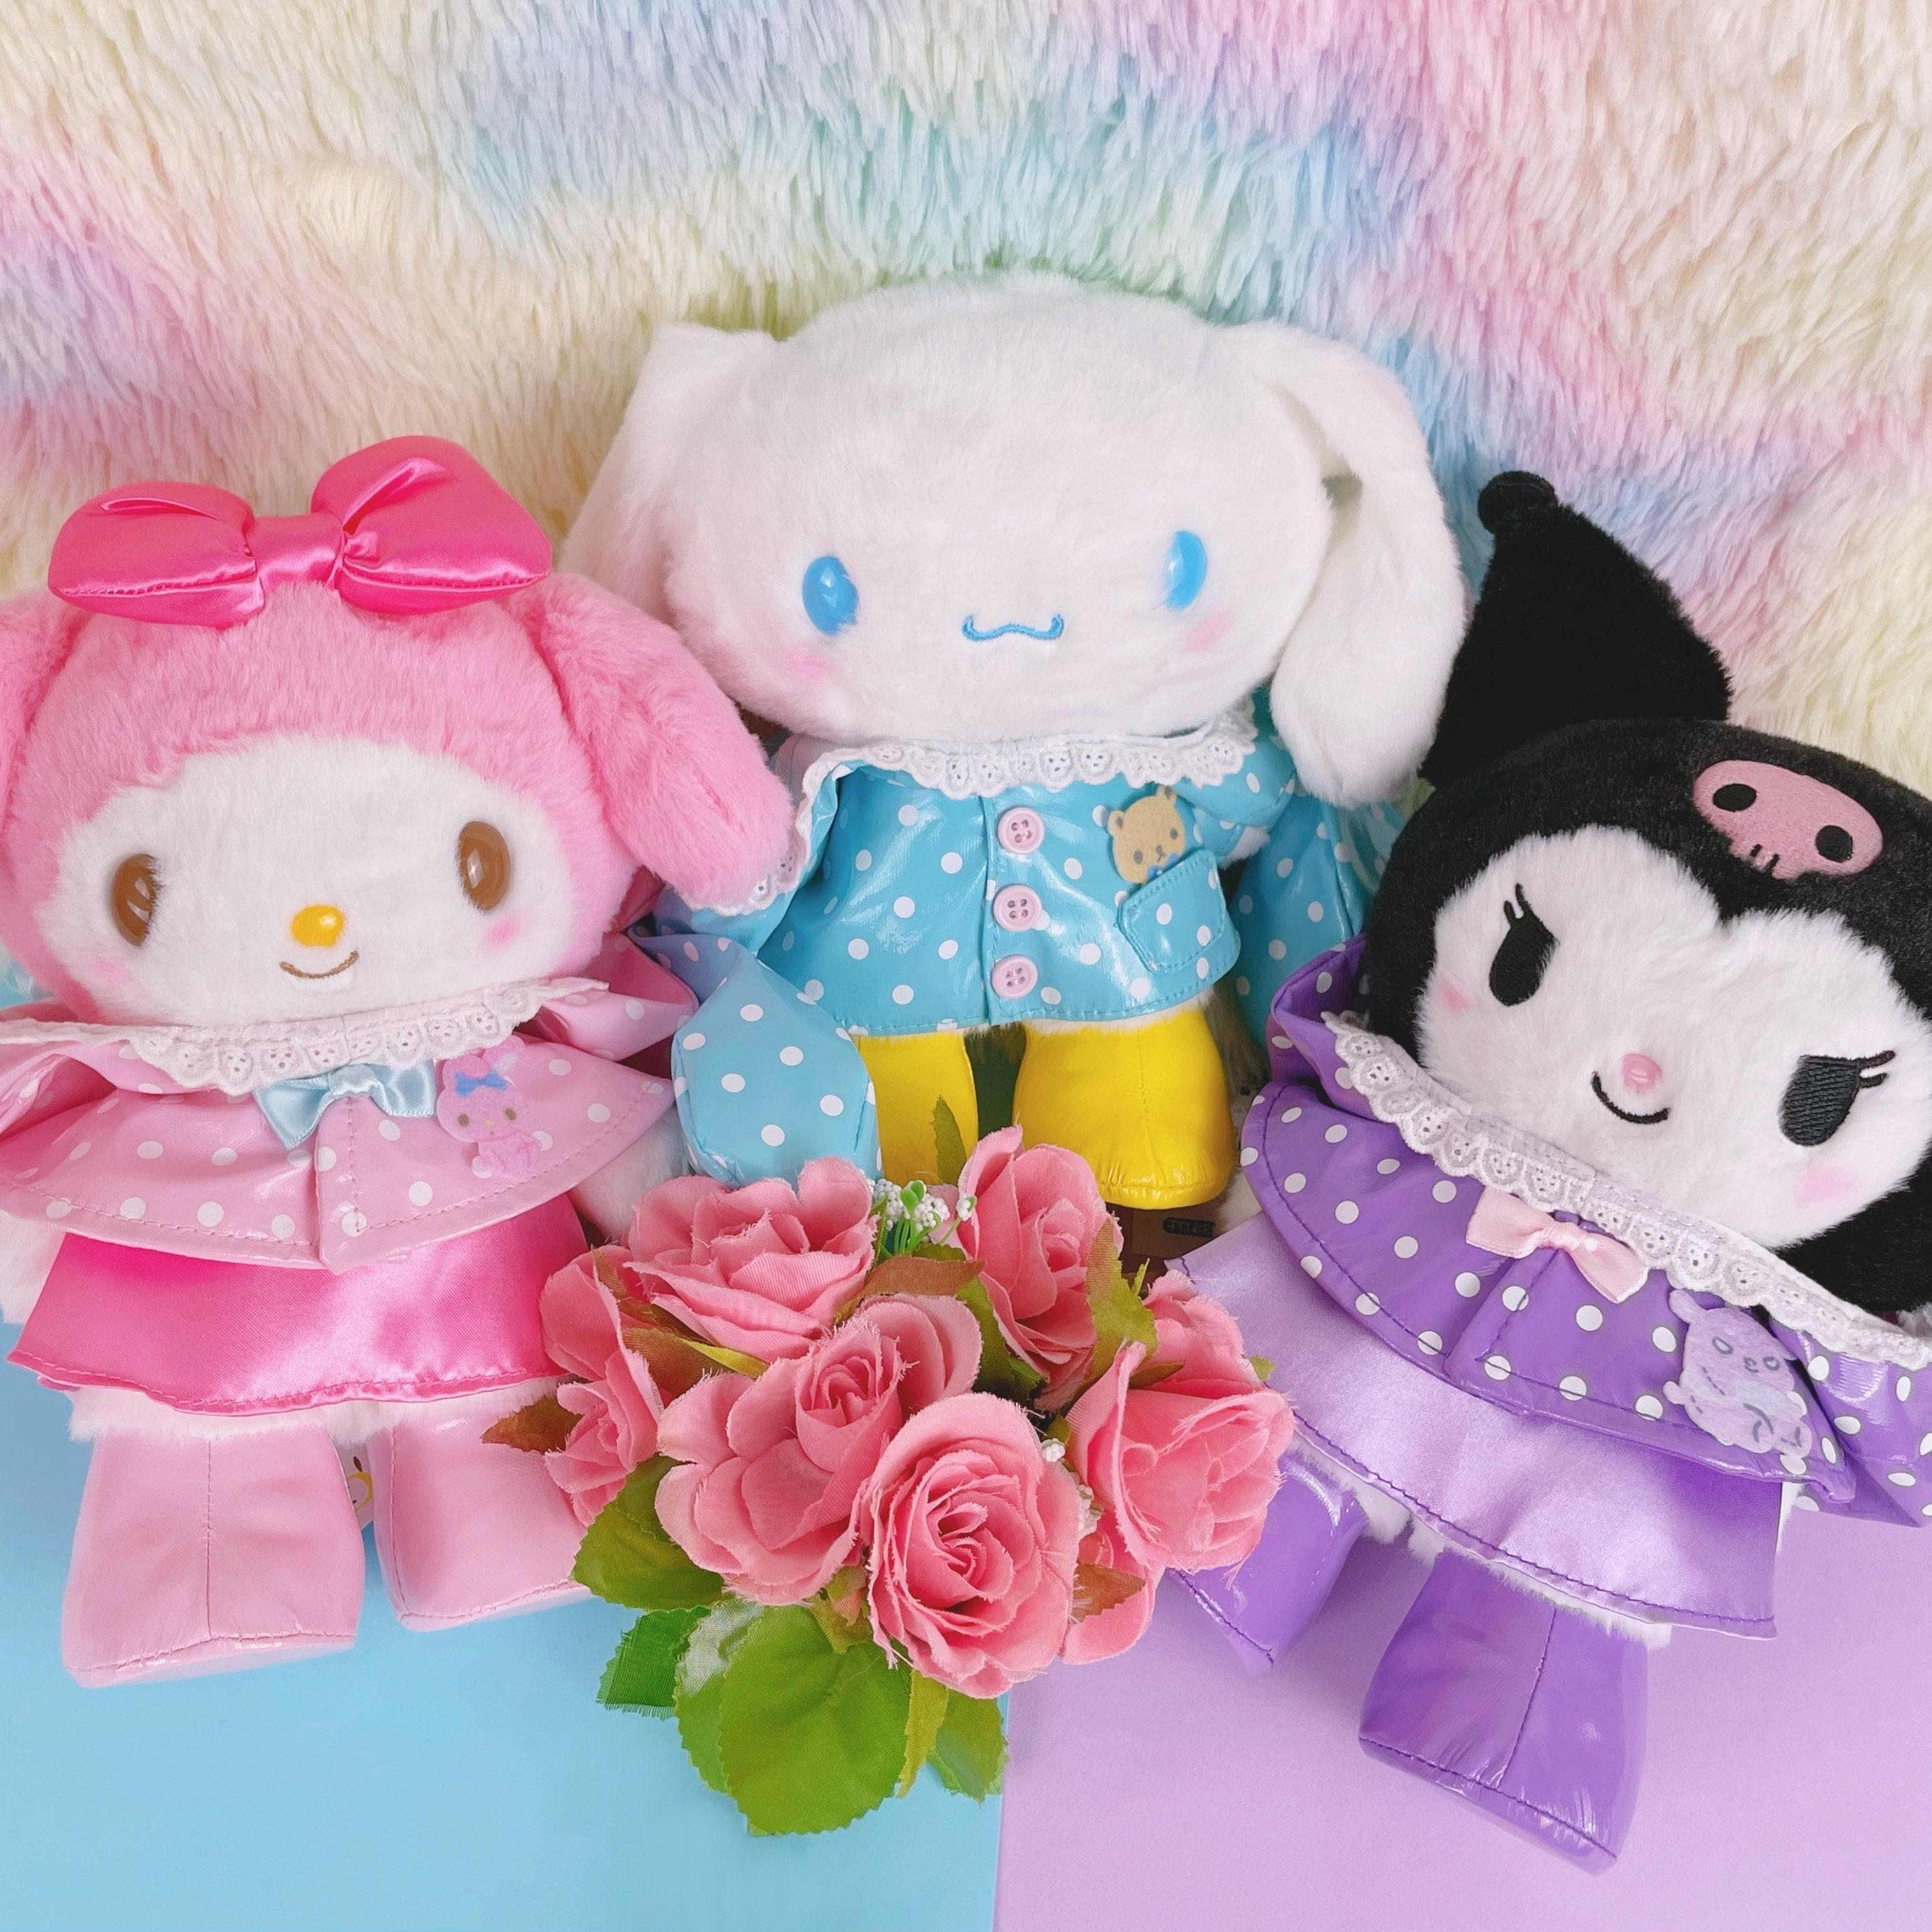 Win the Doki Doki Crate Rainy Sanrio Plushy Giveaway Image